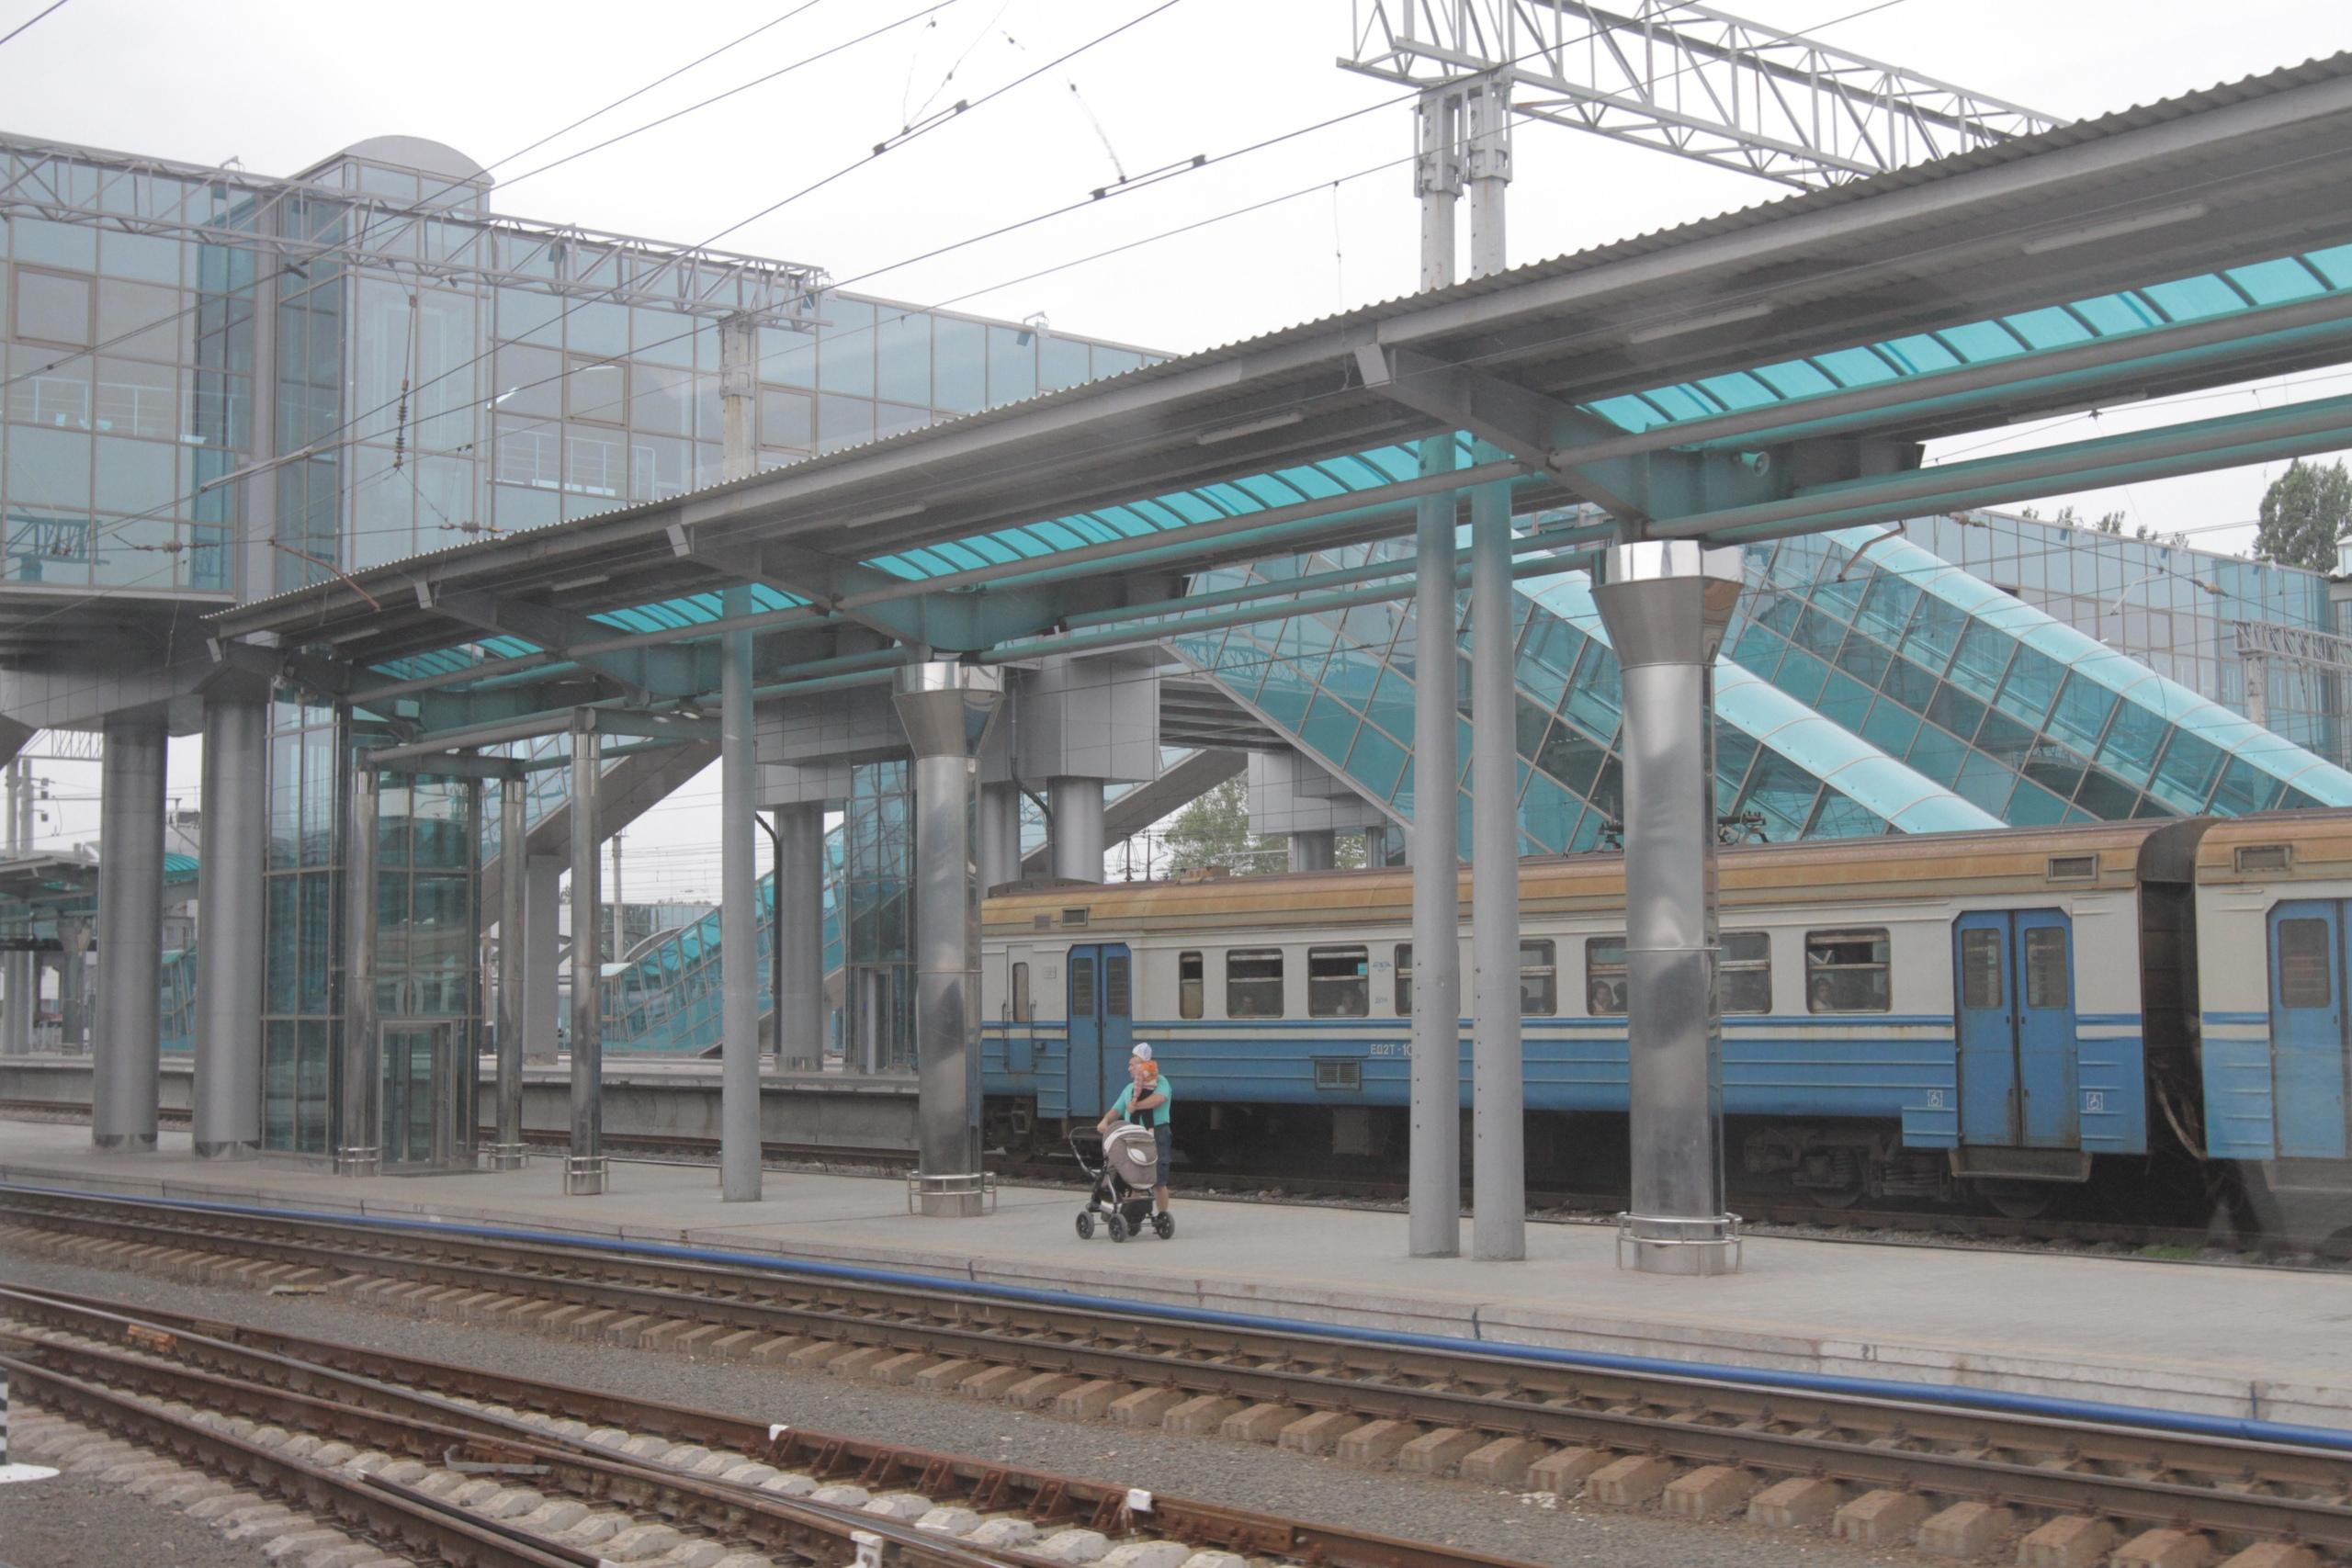 Мрак: сеть поразило новое видео с вокзала оккупированного Донецка